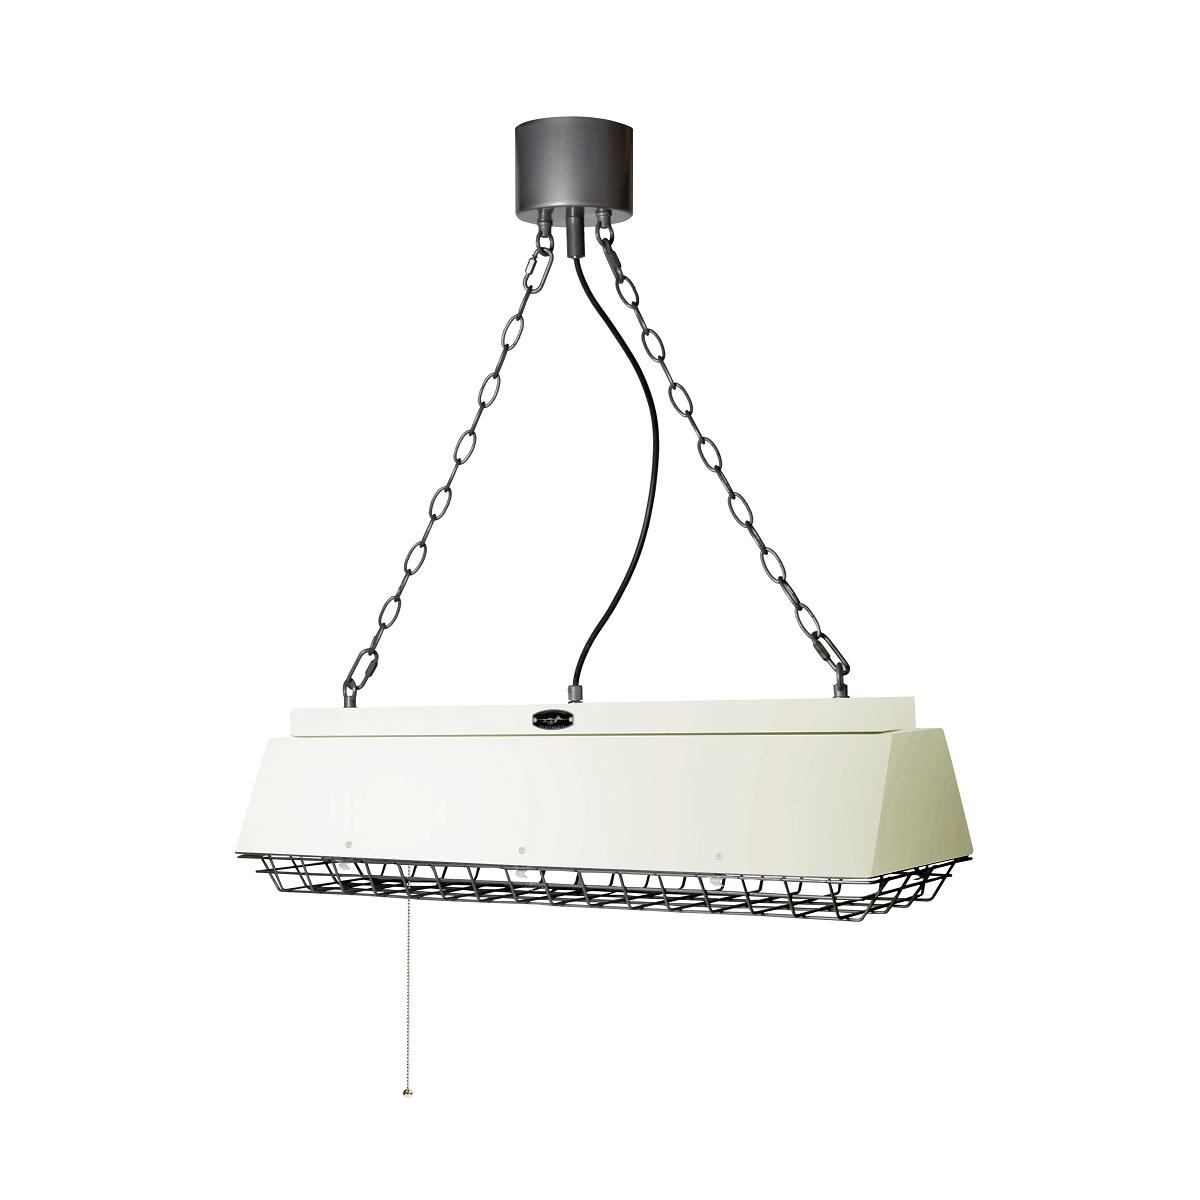 HERMOSAハモサ コンプトンランプ ハンマートンアイボリー COMPTON LAMP